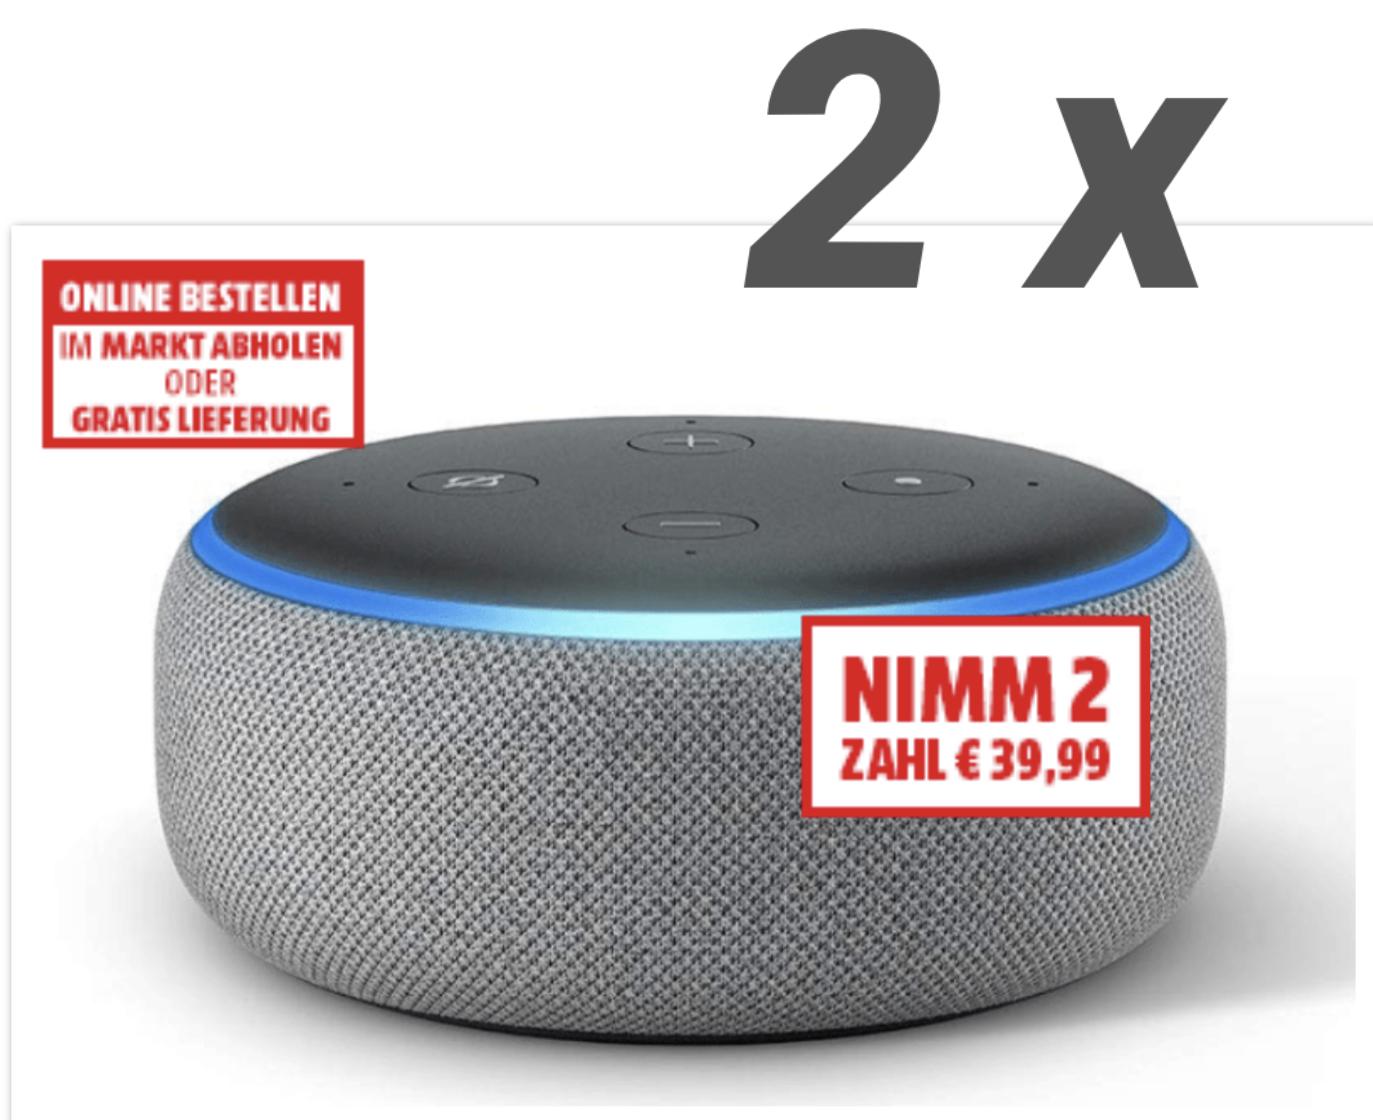 Grenzgänger AT: 2 x  AMAZON Echo Dot für 39,98€ oder 6 Stück für 104,94€ (17,49€ Stück) - (Versand nach D für 9,50€ möglich)